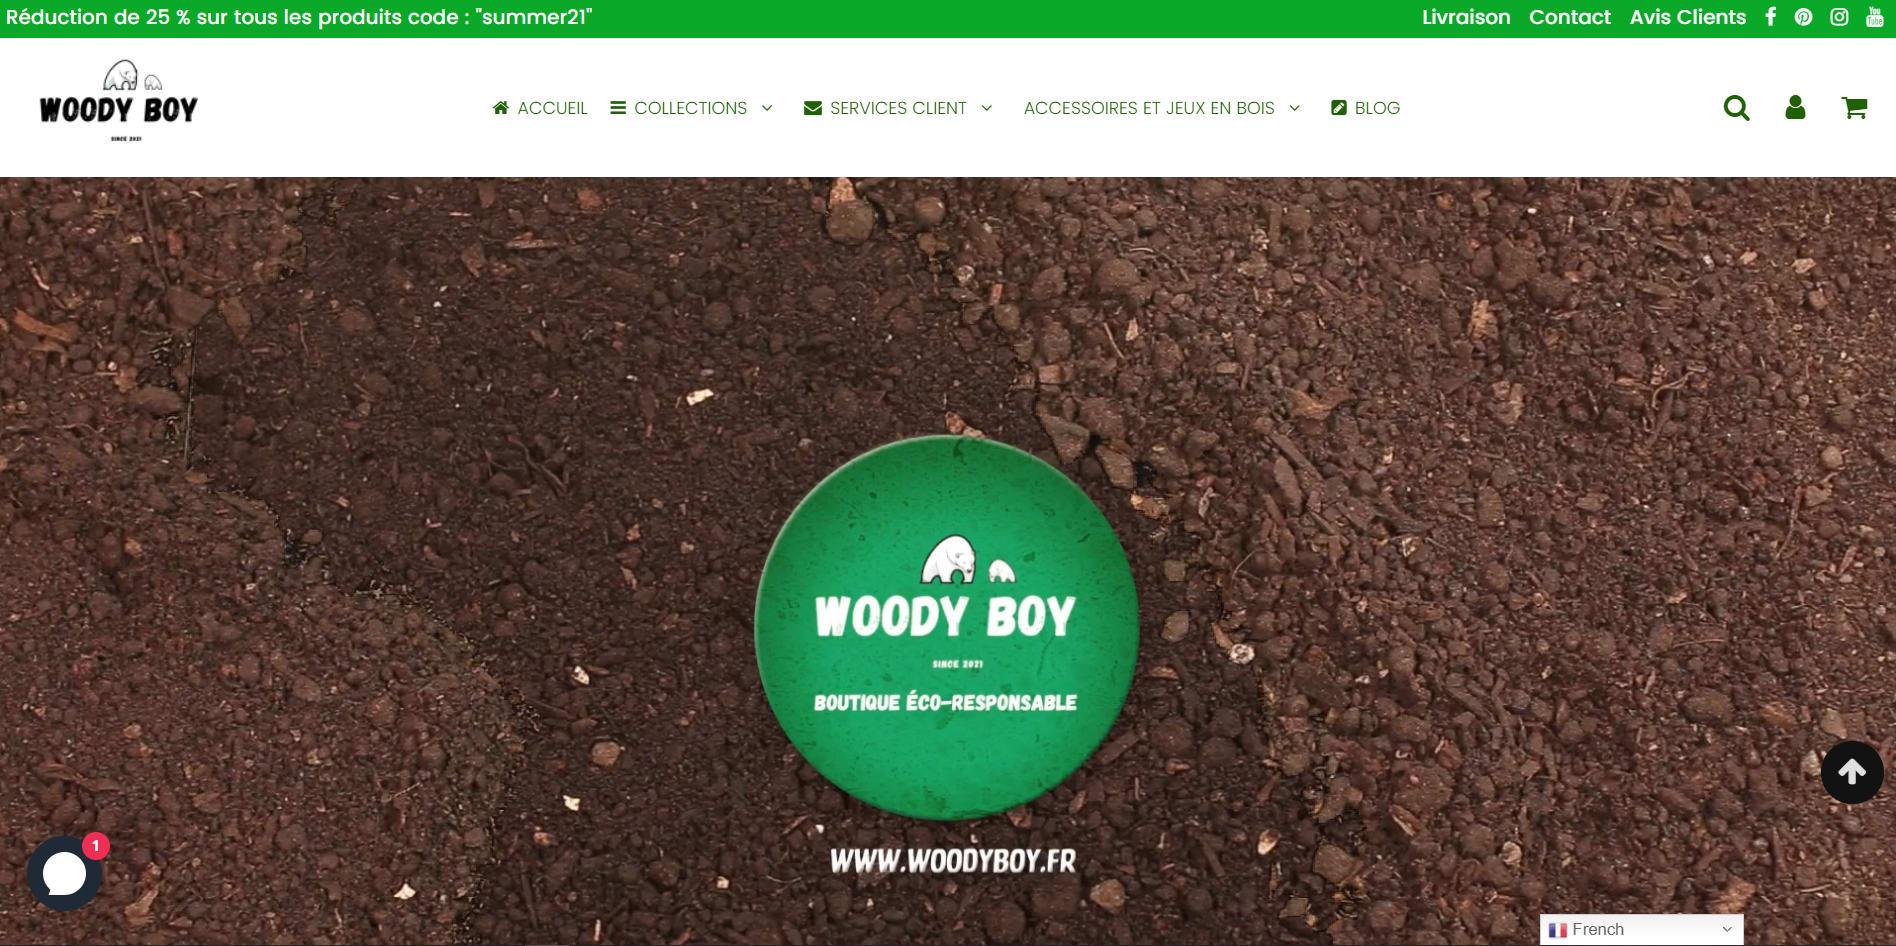 Woody Boy